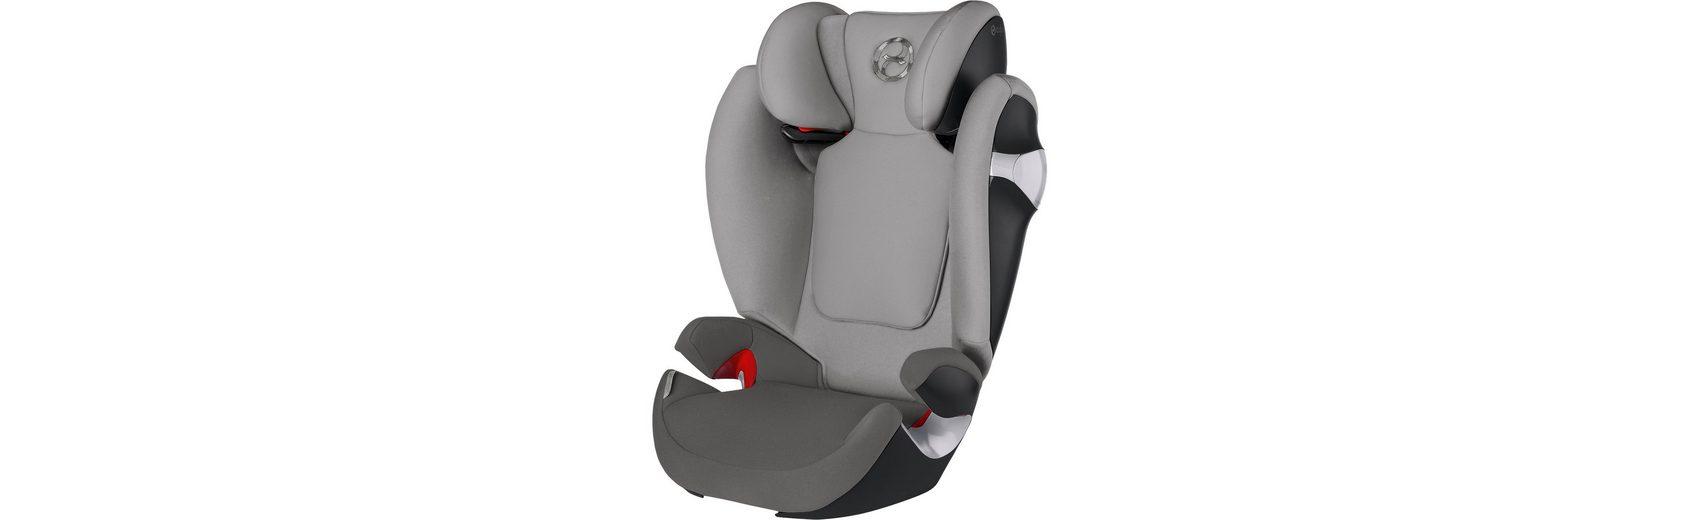 Cybex Auto-Kindersitz Solution M, Gold-Line, Manhattan Grey-Mid Gr